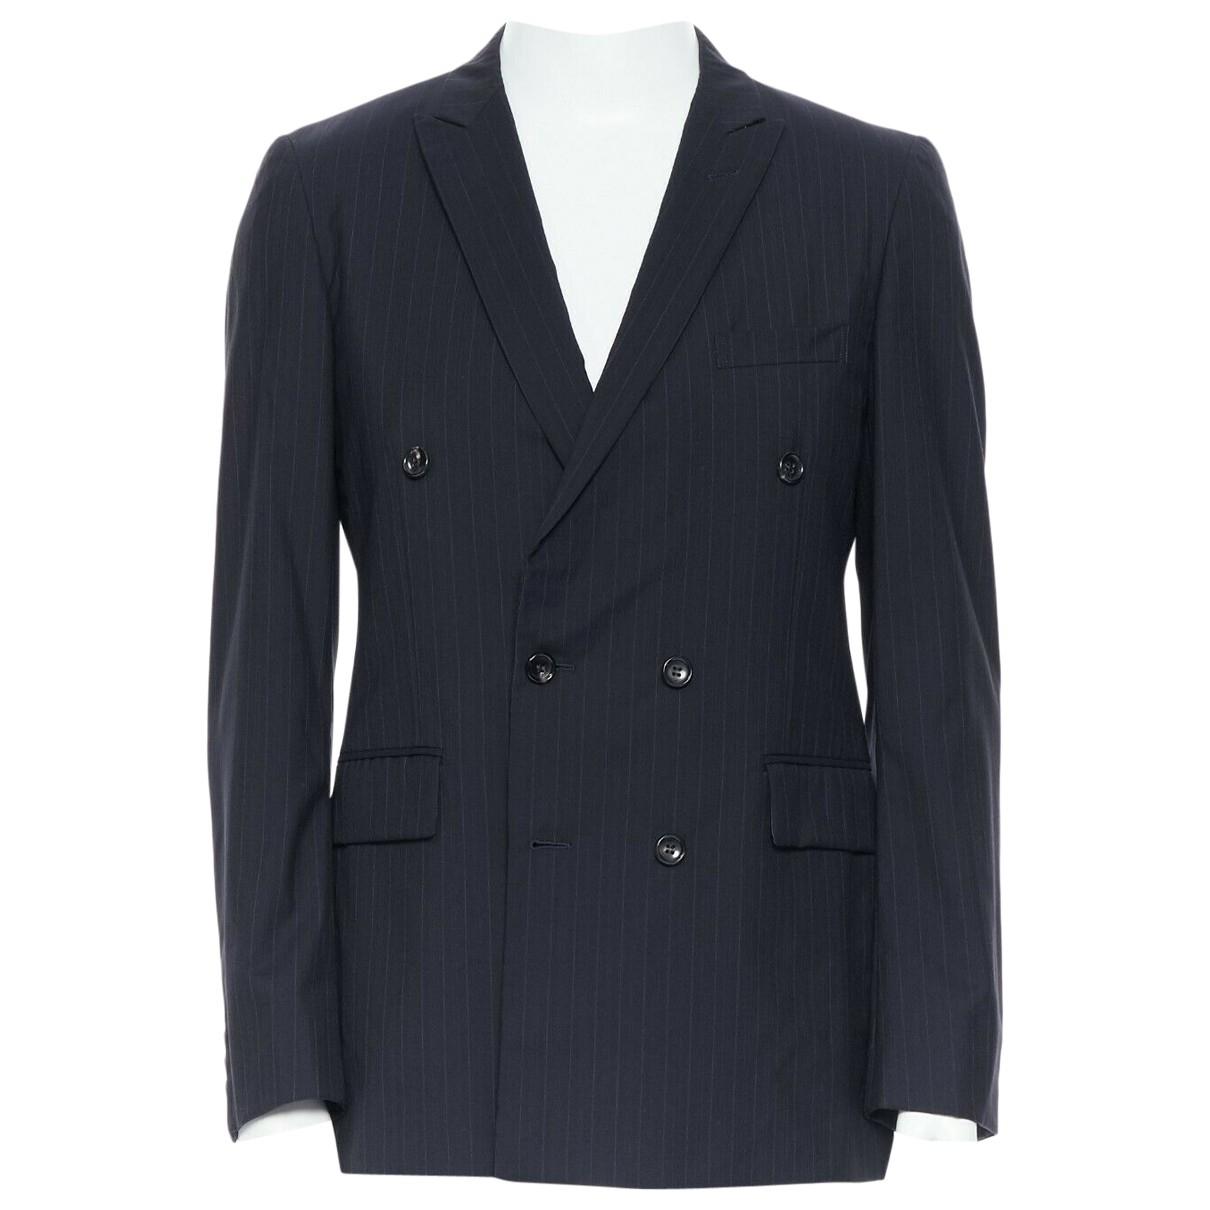 Comme Des Garcons \N Black Suede jacket  for Men M International